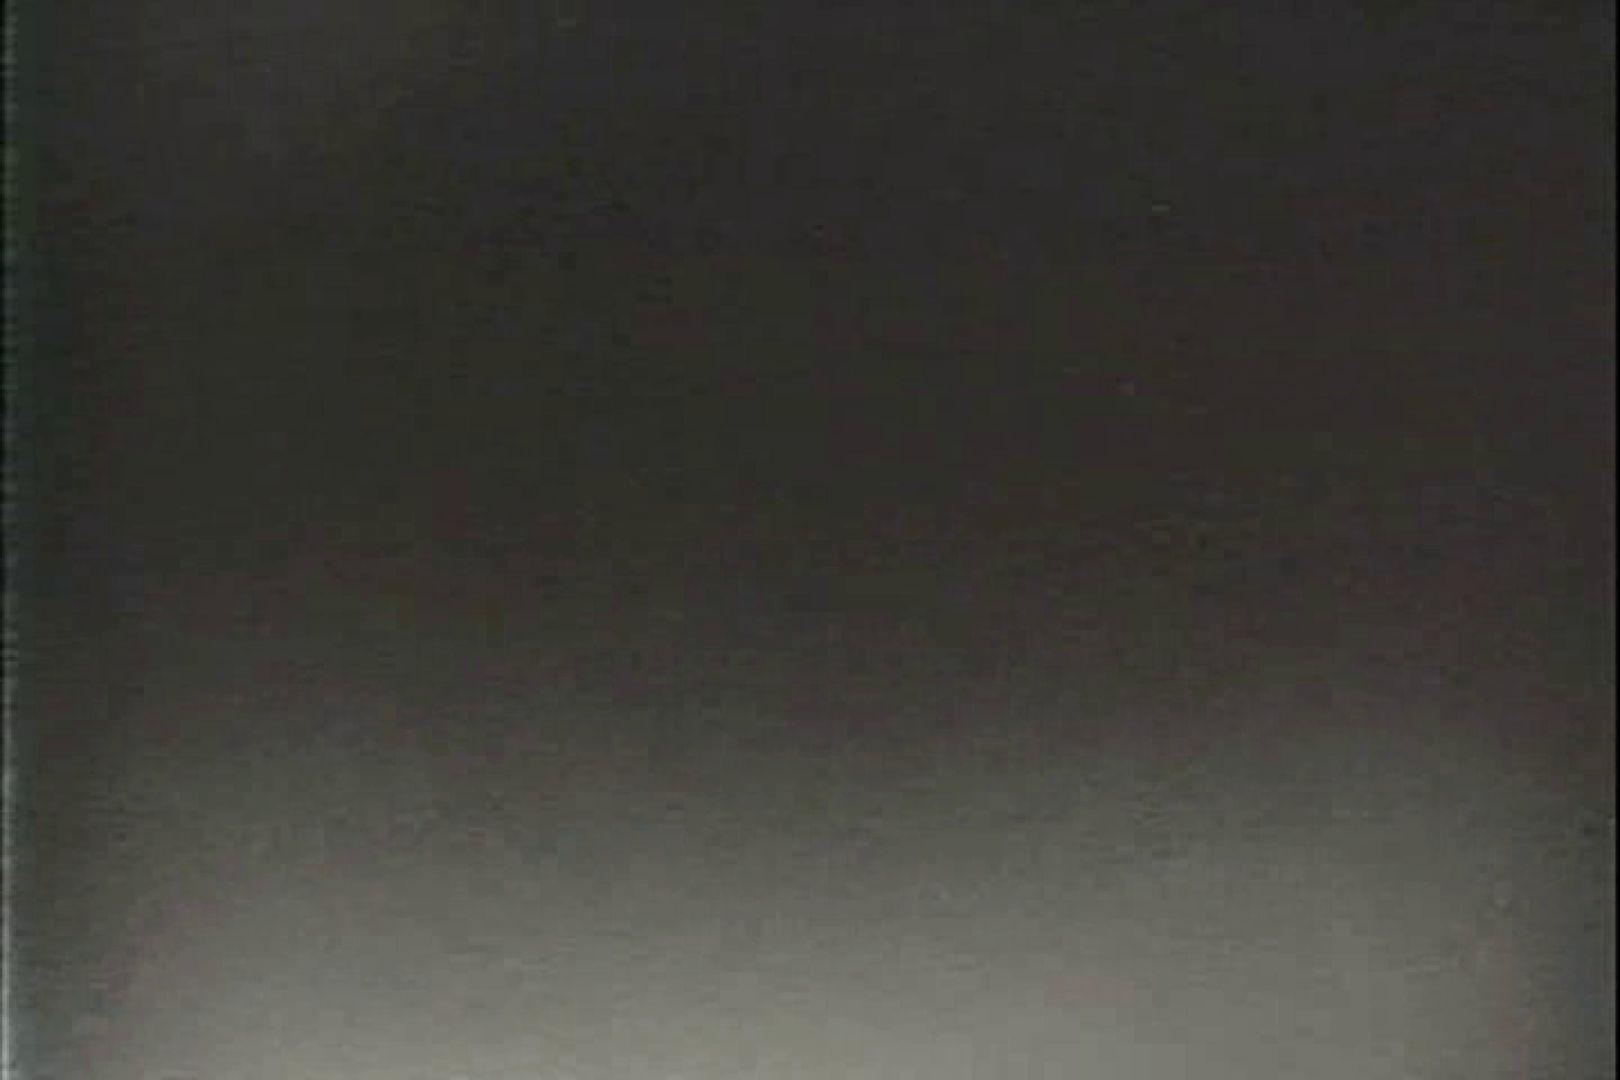 「ちくりん」さんのオリジナル未編集パンチラVol.4_02 パンチラ放出 盗撮セックス無修正動画無料 69pic 9